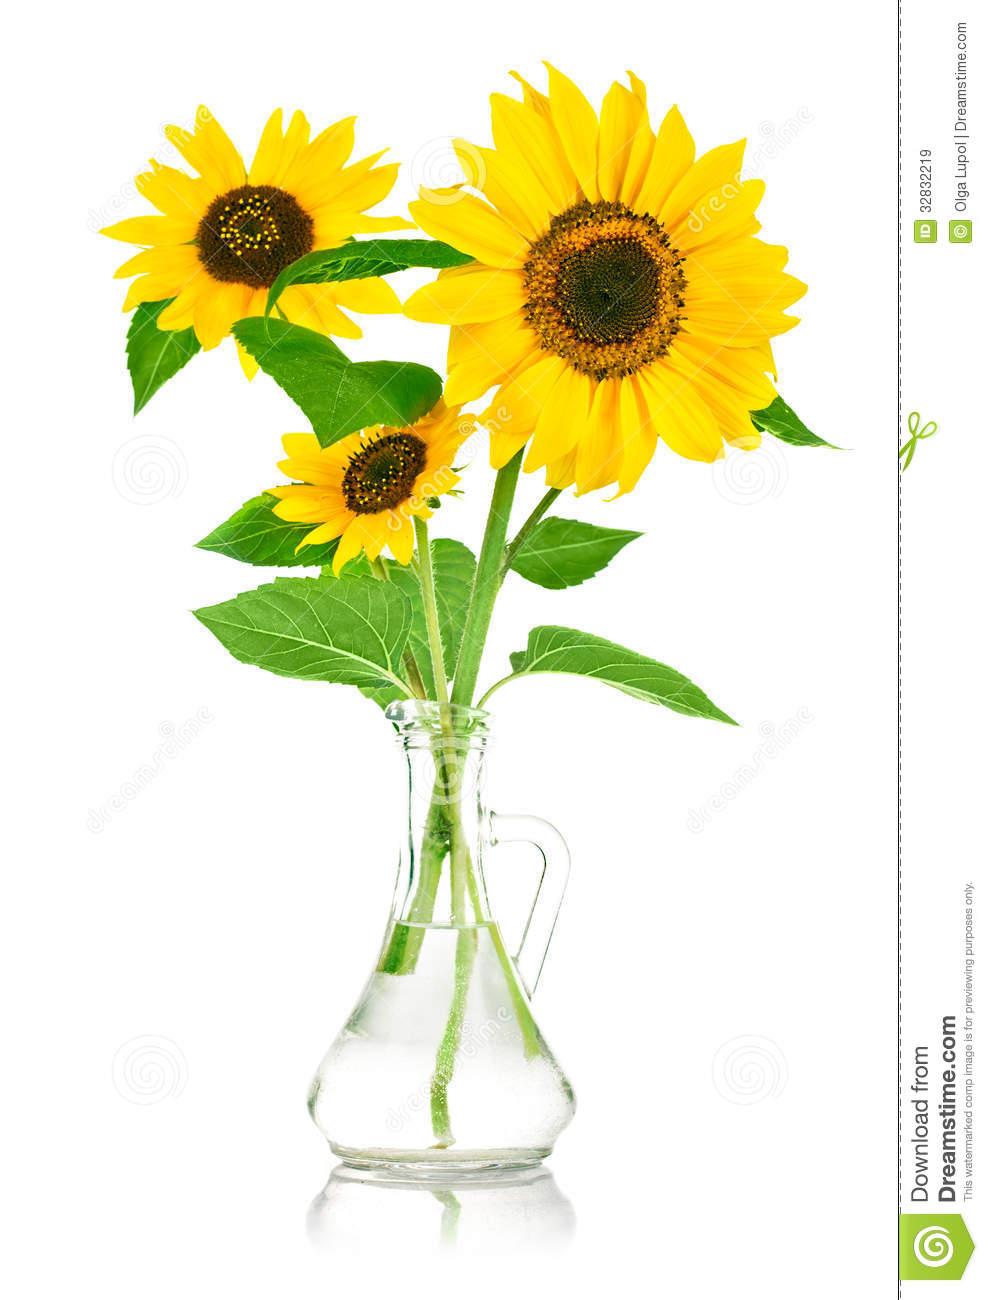 Bouquet clipart sunflower bouquet. Transparent